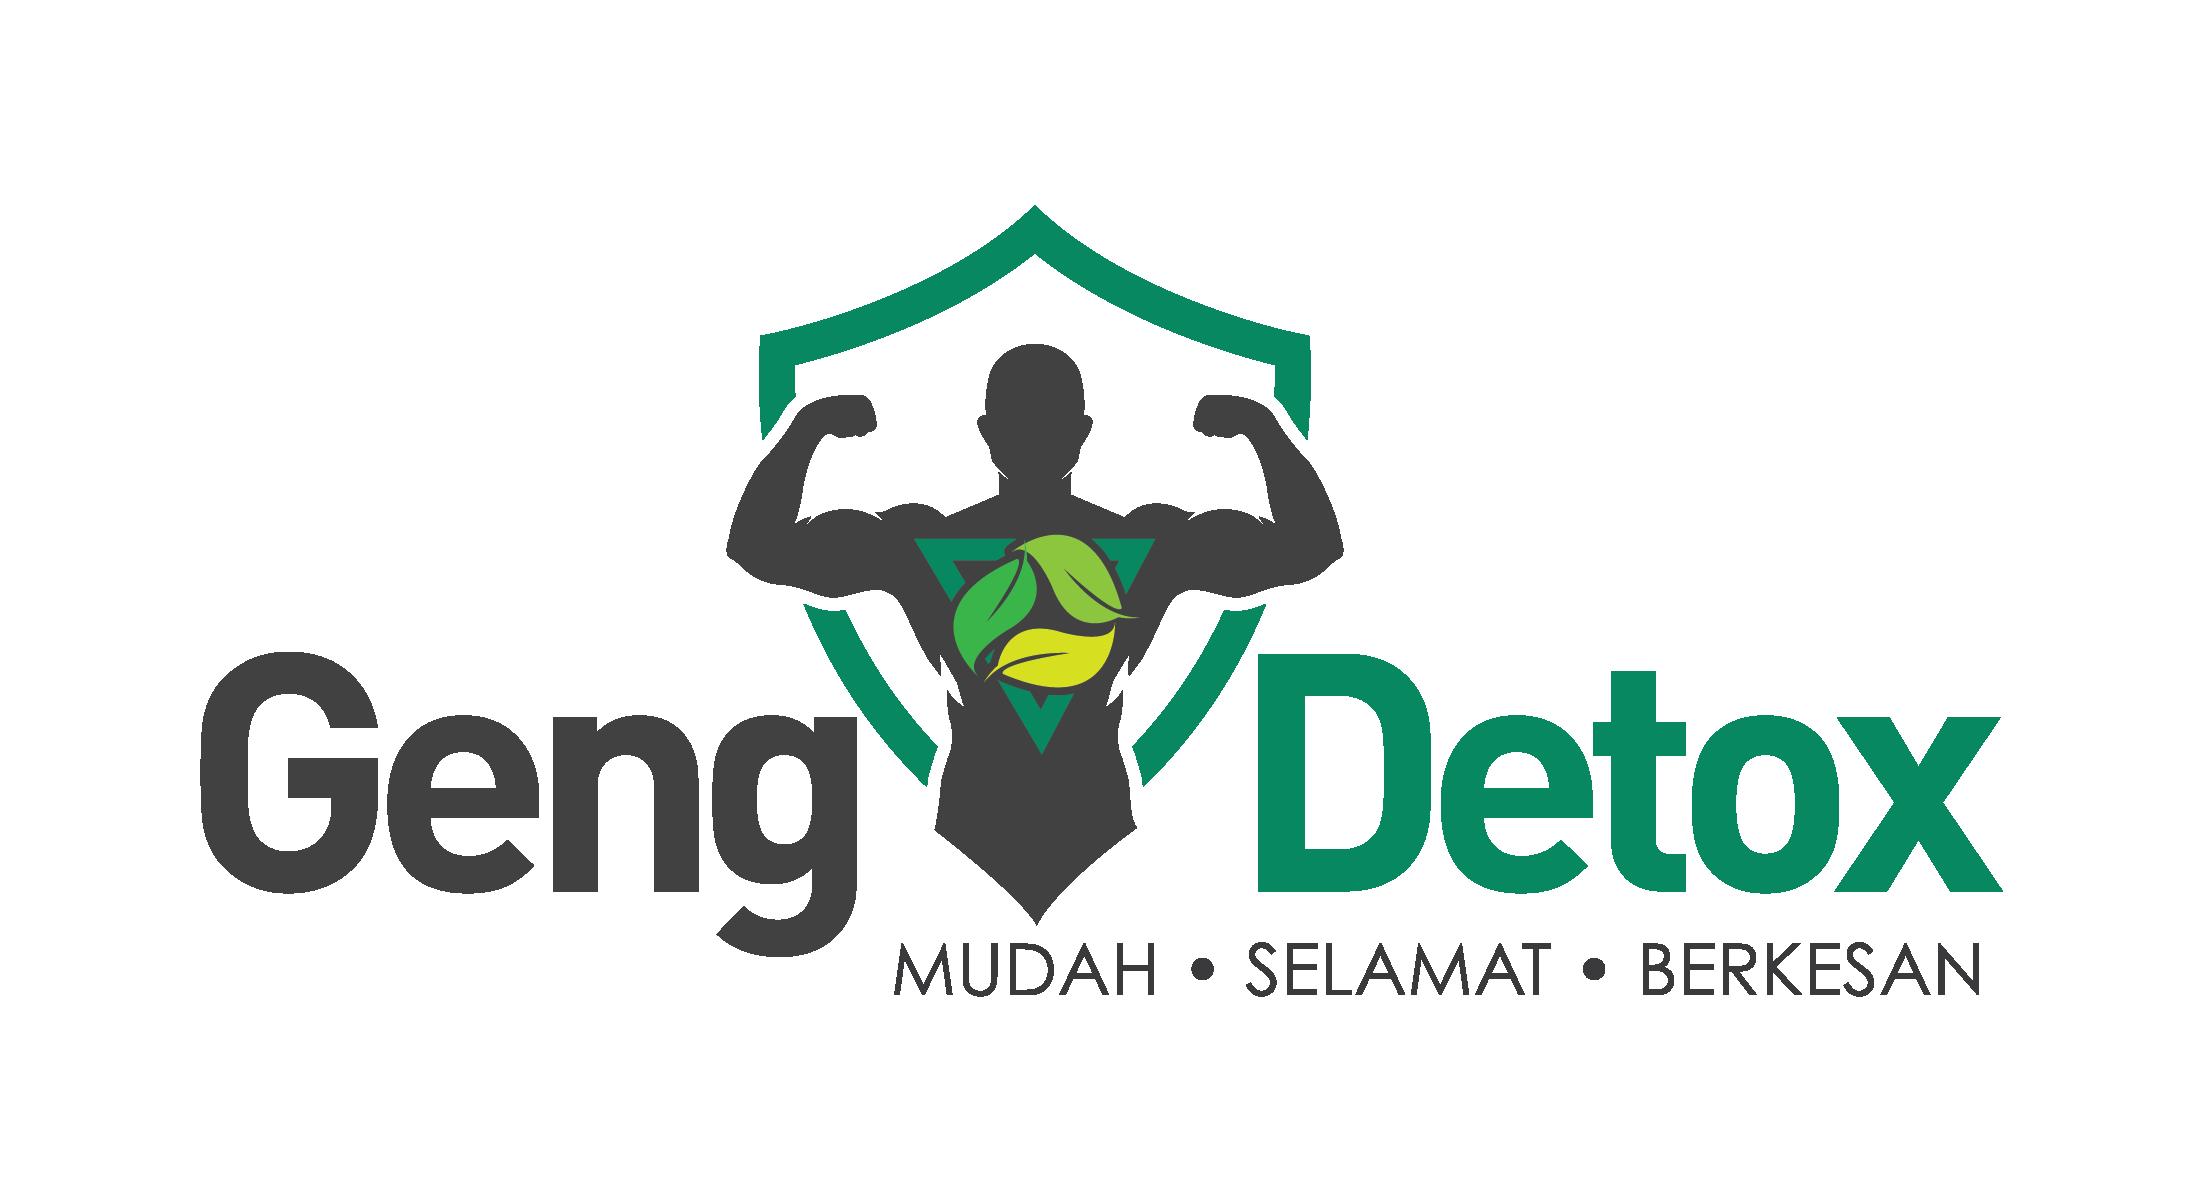 Geng Detox